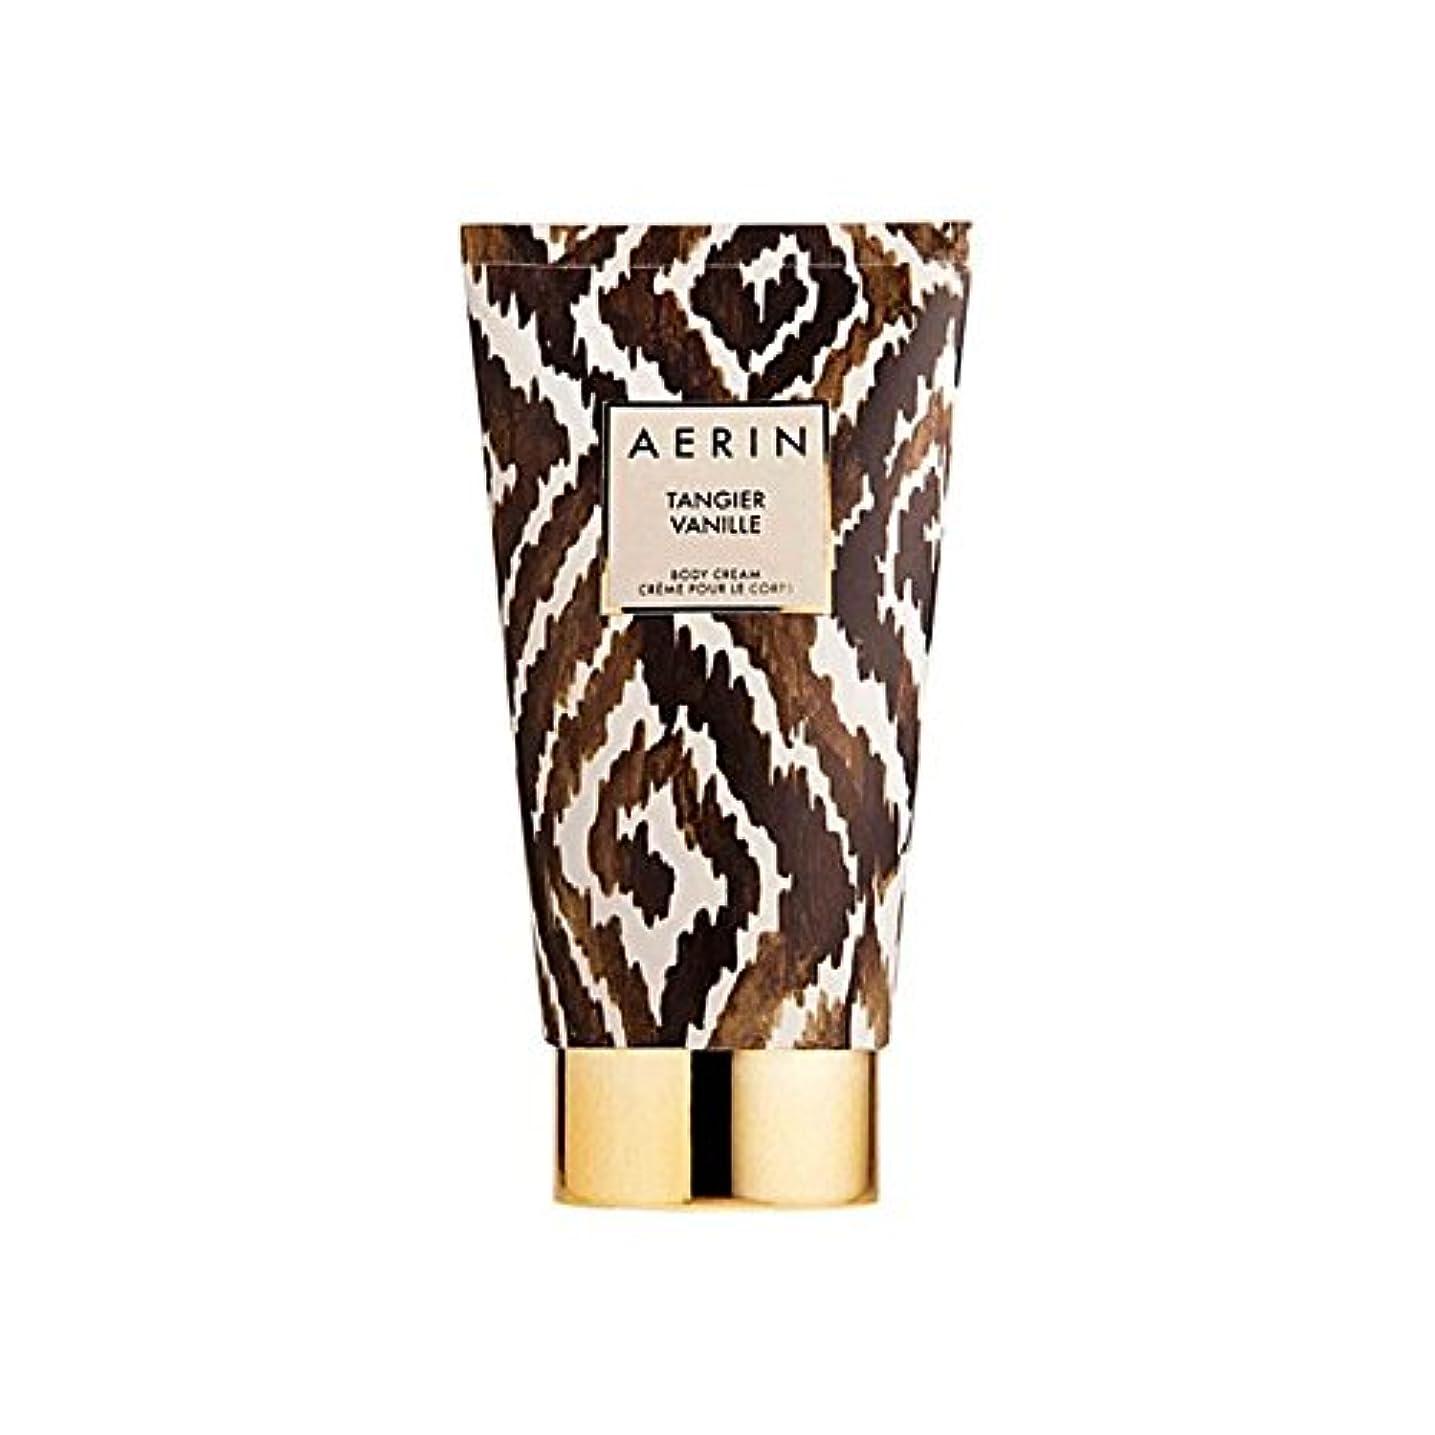 事環境一握りタンジールヴァニラボディクリーム x4 - Aerin Tangier Vanille Body Cream (Pack of 4) [並行輸入品]